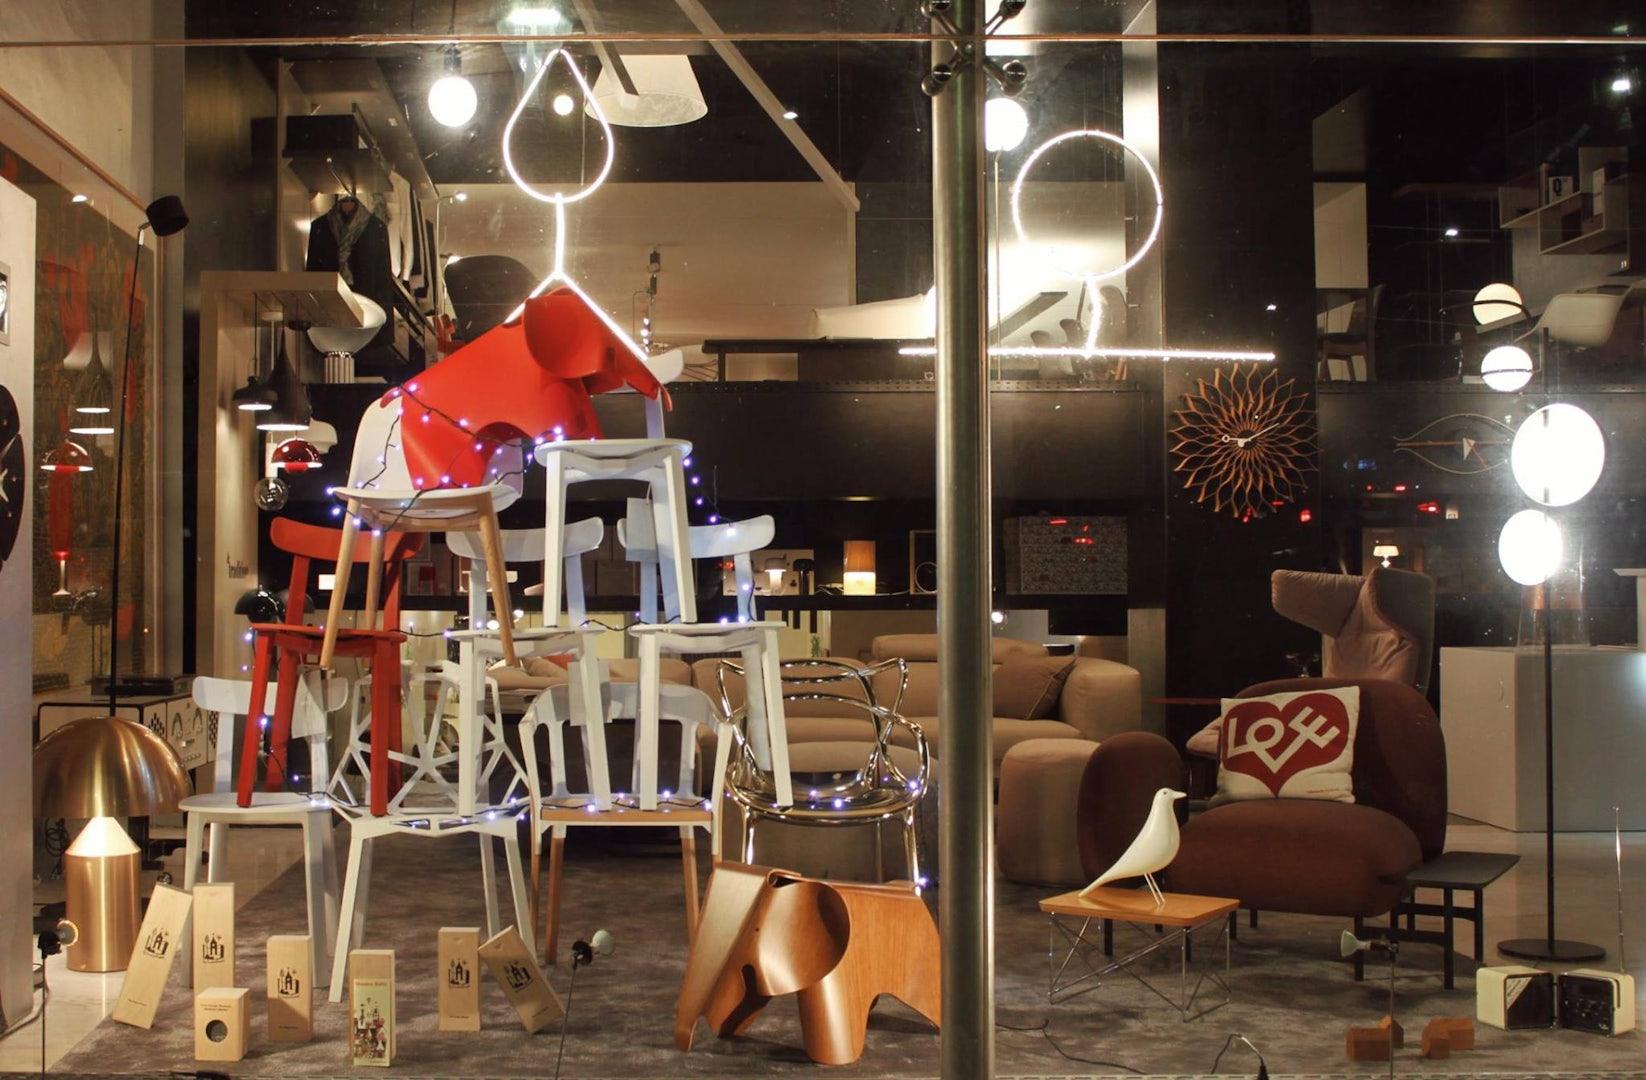 lights and furniture displayed at A Linha da Vizinha